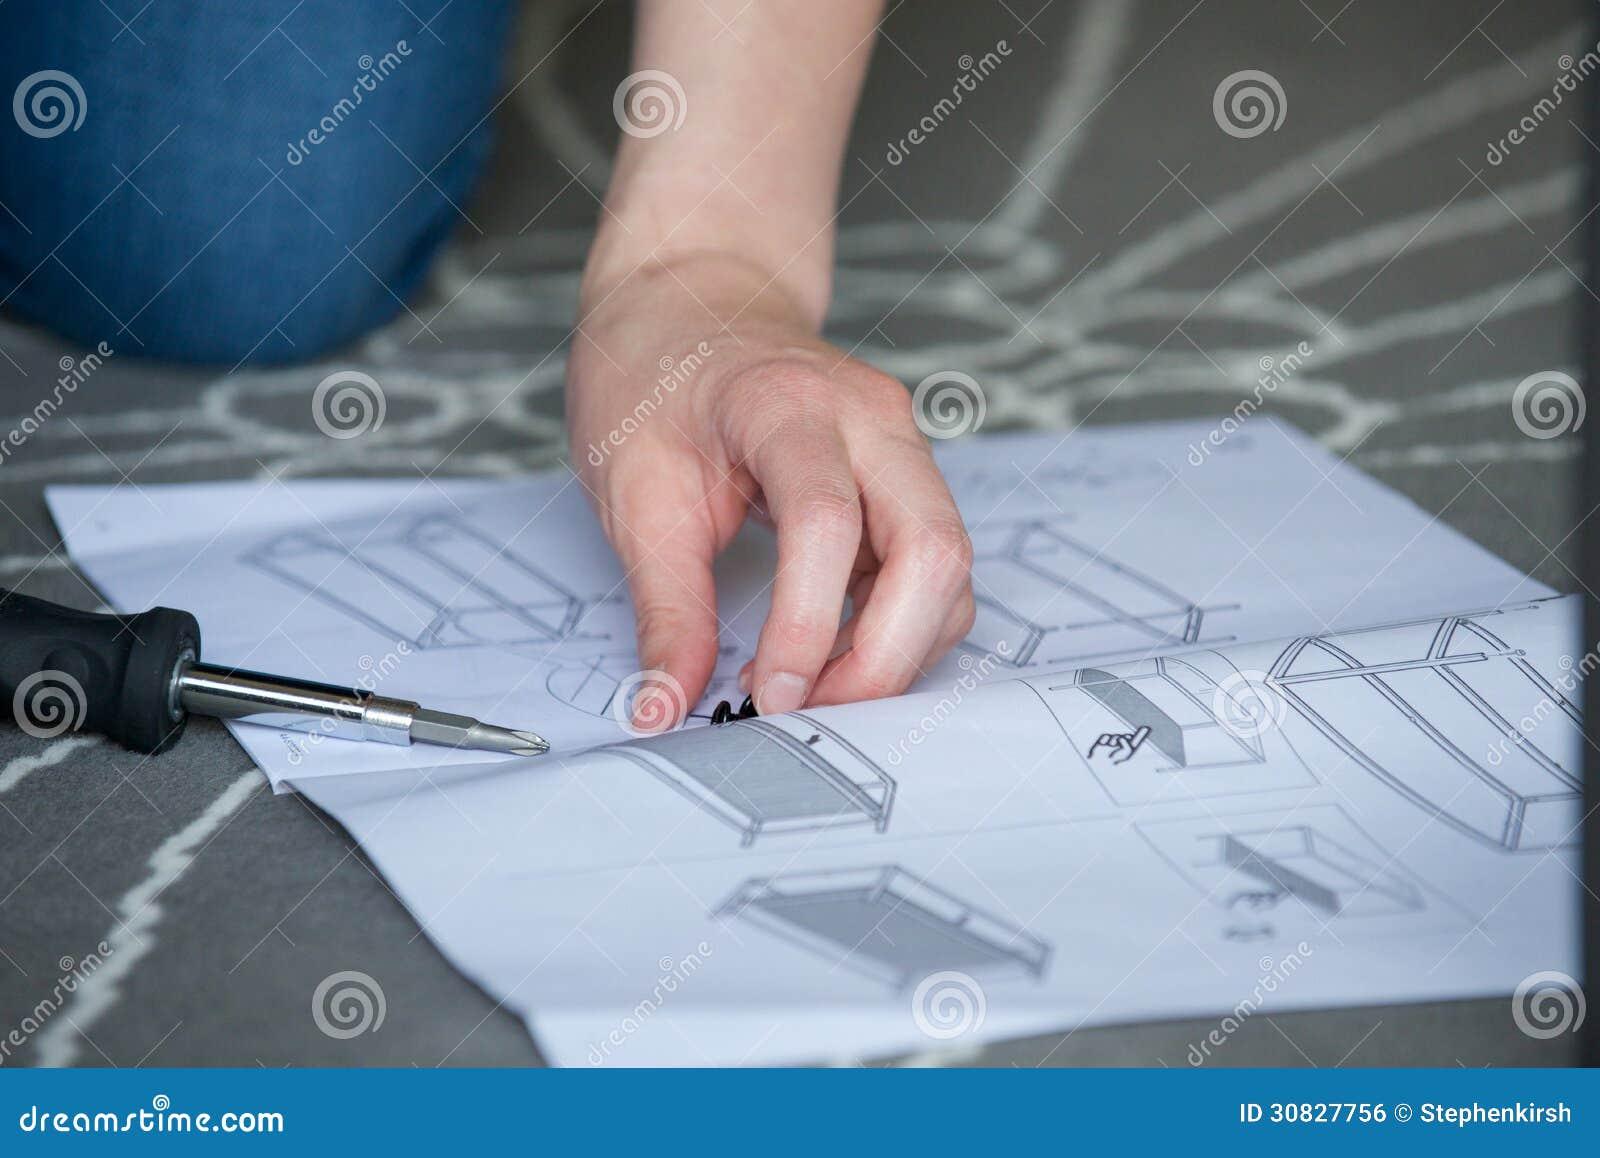 Chiuda su delle mani, gli scerws, le istruzioni per mobili metallici